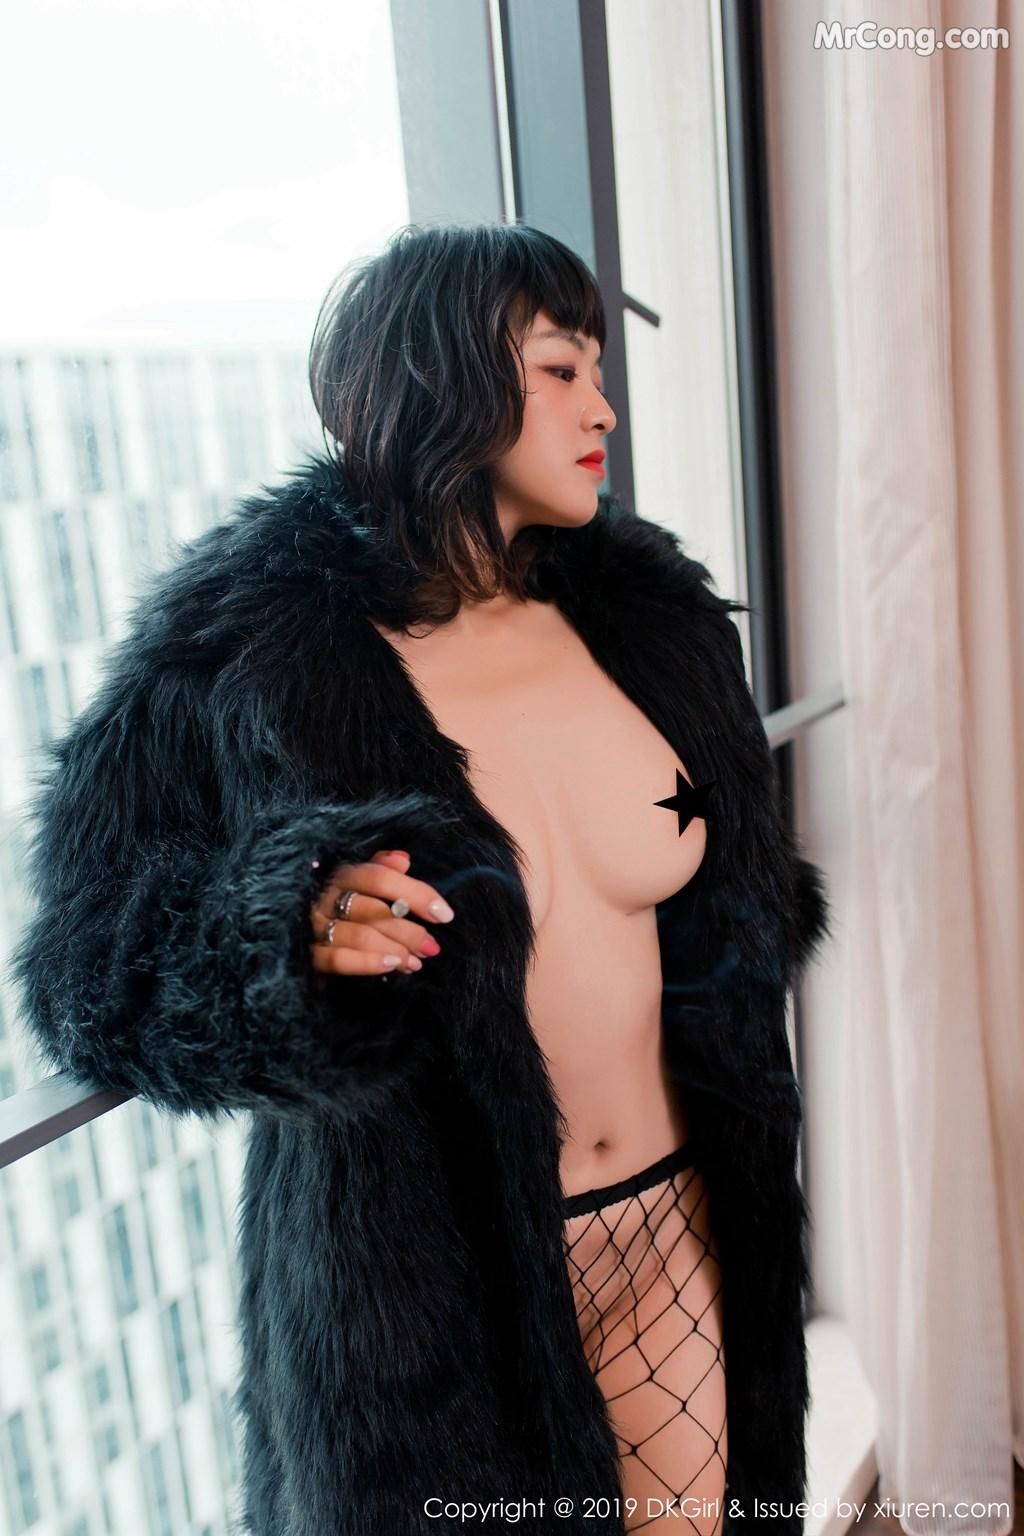 Image DKGirl-Vol.118-Zhang-Hua-Hua-MrCong.com-009 in post DKGirl Vol.118: Zhang Hua Hua (张花花) (51 ảnh)